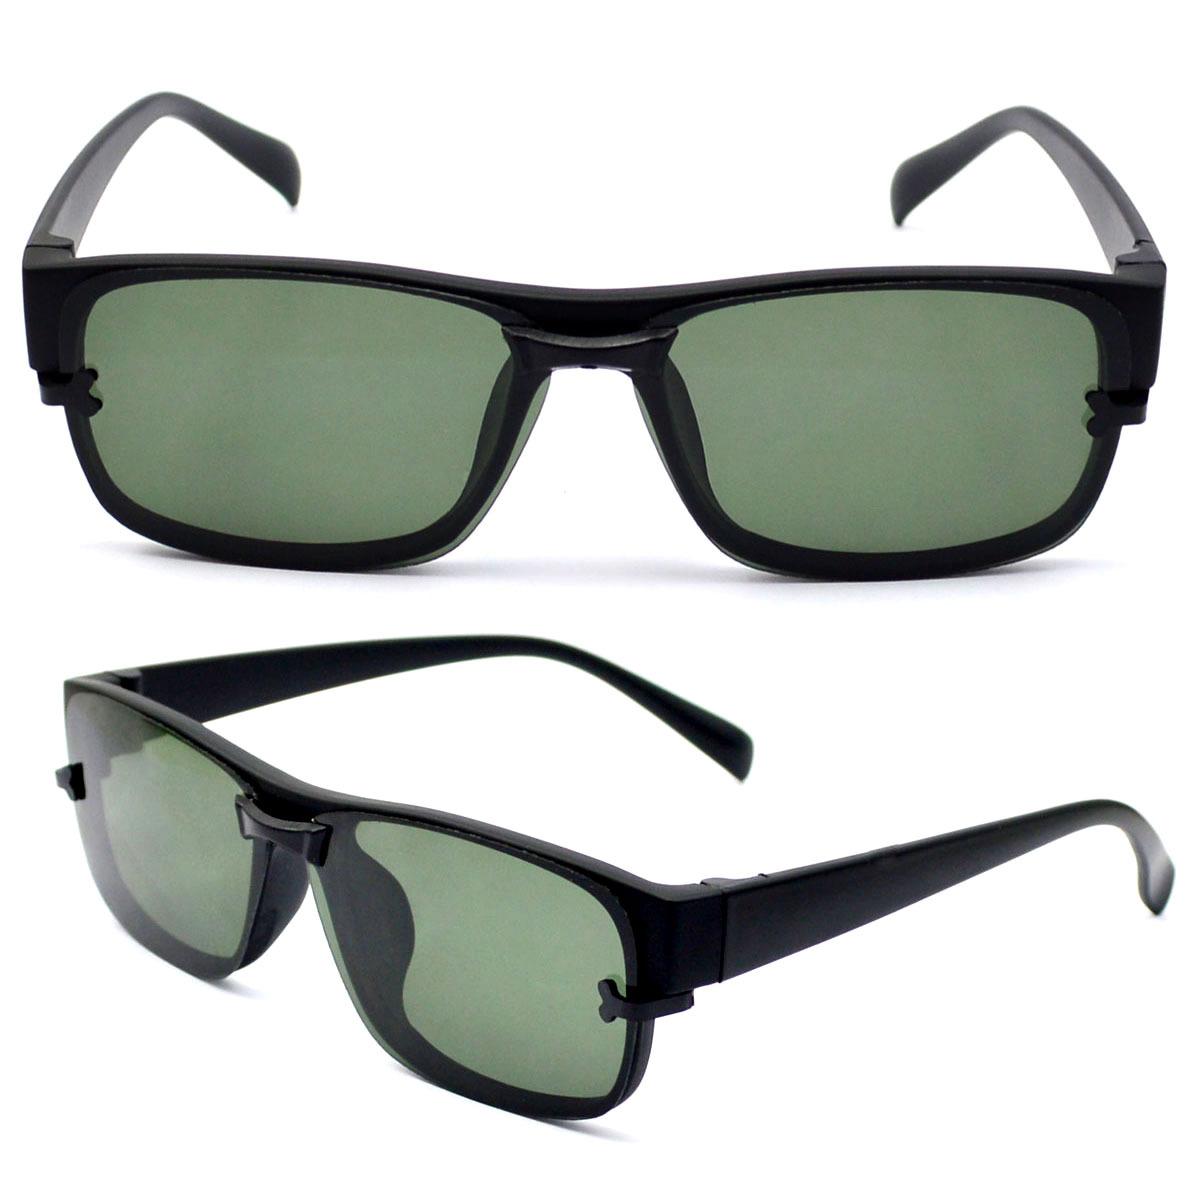 【供应】Anion specs纳米能量眼镜定做|配偏光太阳眼镜厂价直销